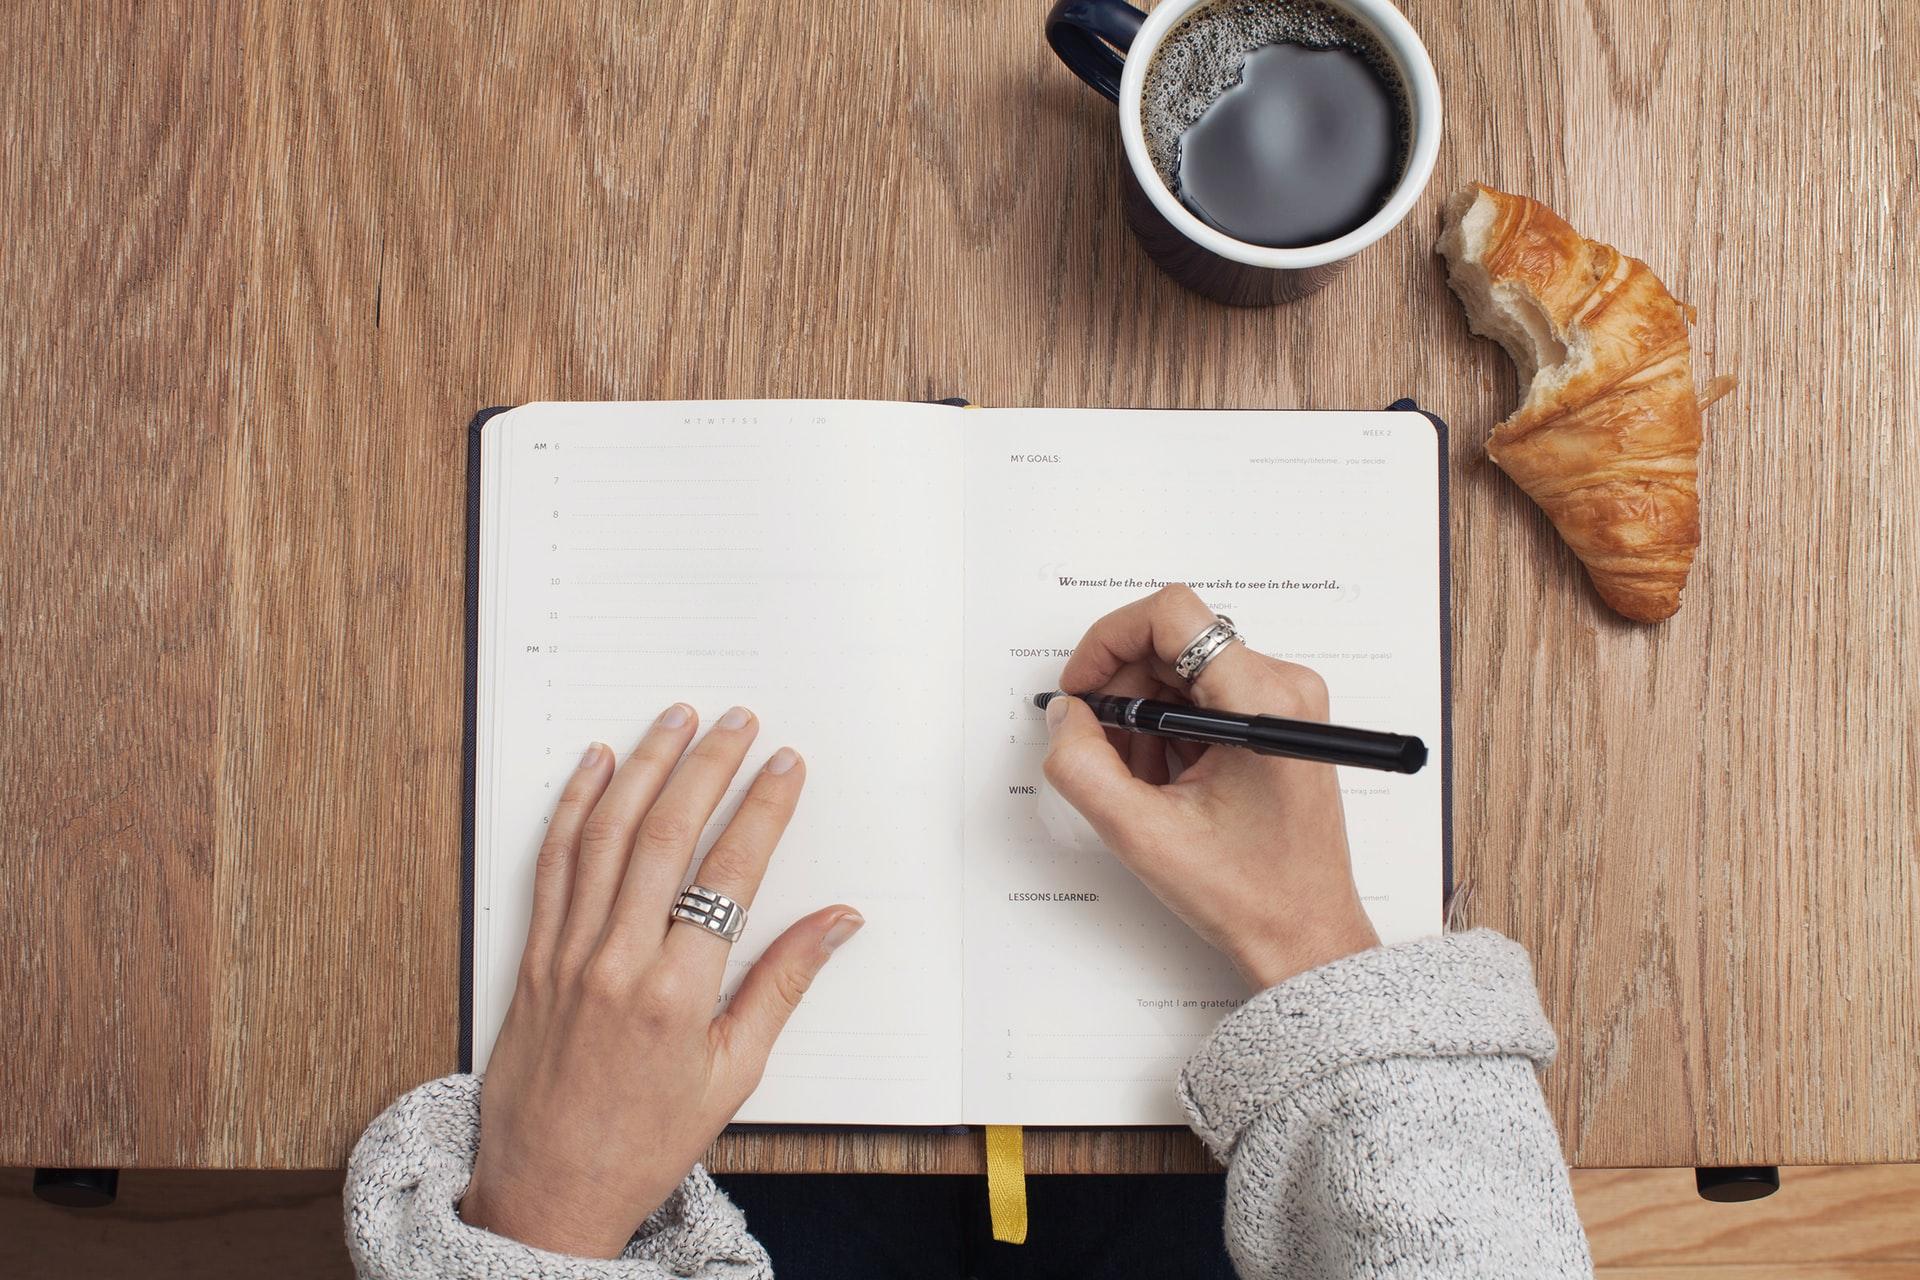 Hábitos positivos para dejar de beber y organizar tu rutina